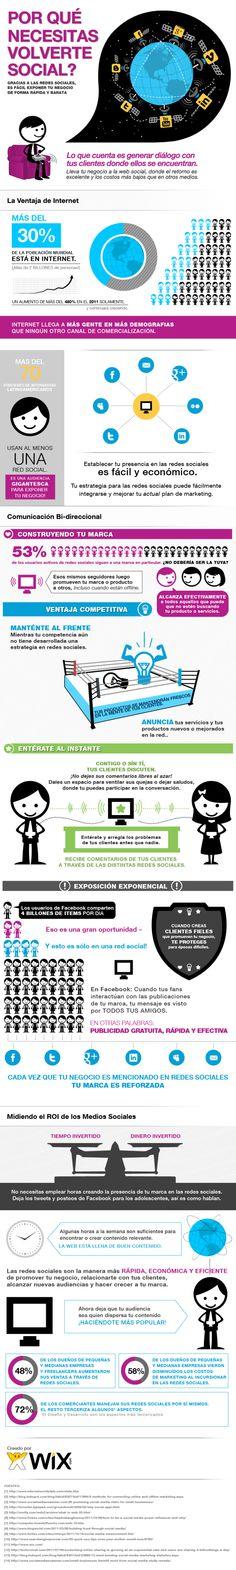 Por qué necesitas volverte Social #infografia en español via @Juan Carlos Mejía Llano